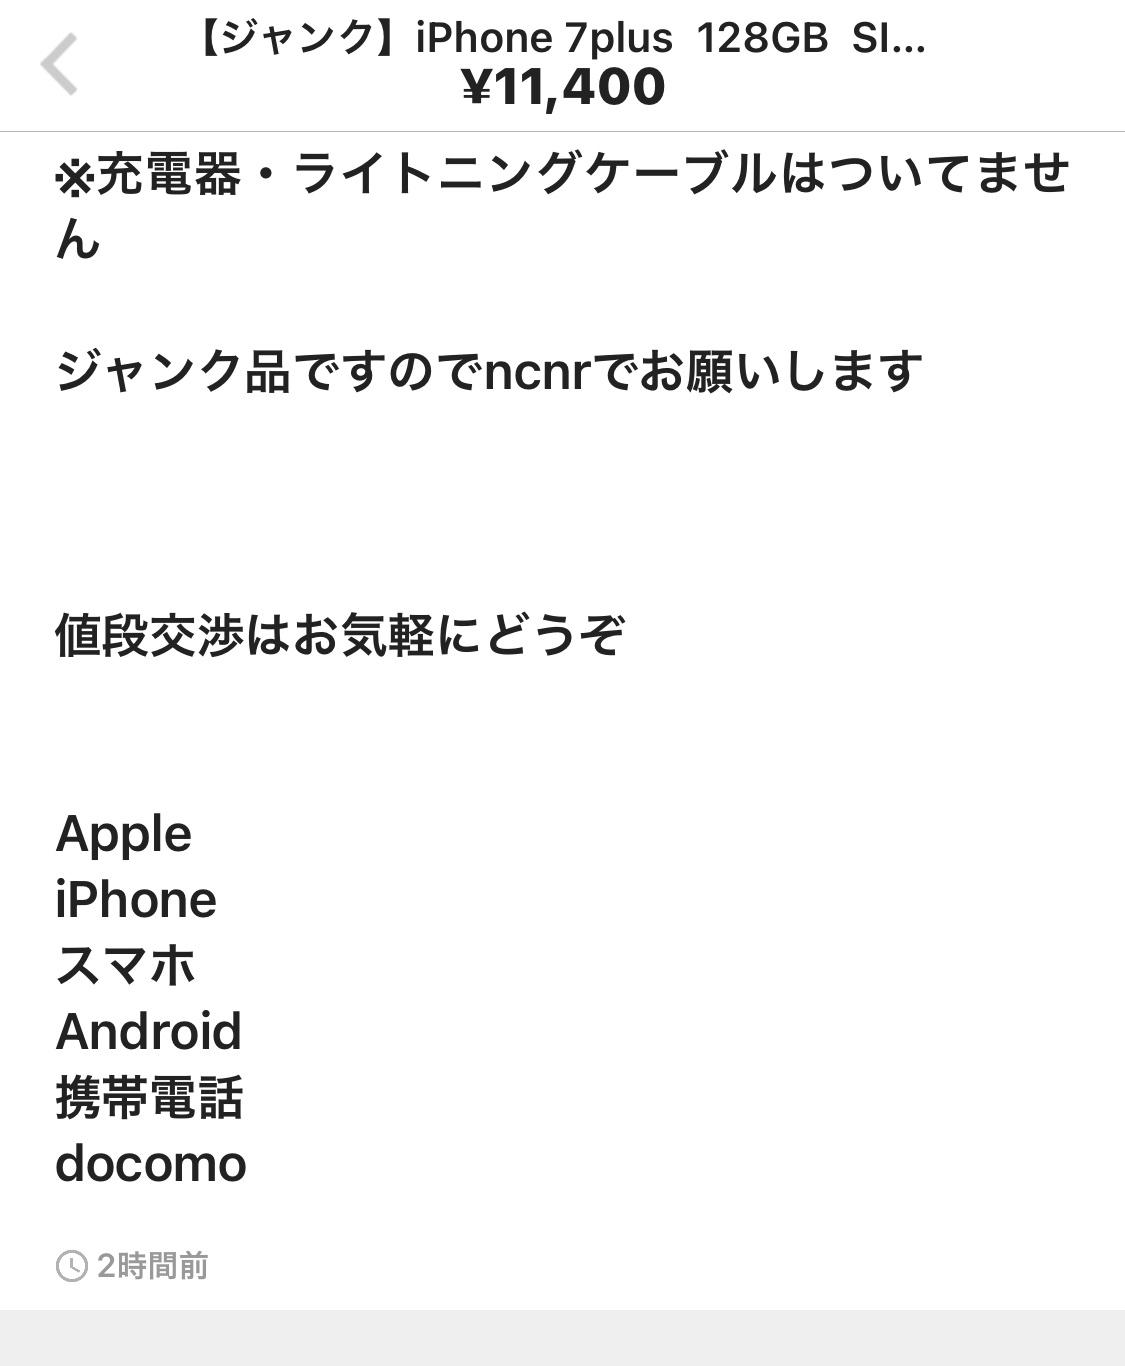 2時間前に落札されたiPhone7ジャンク品